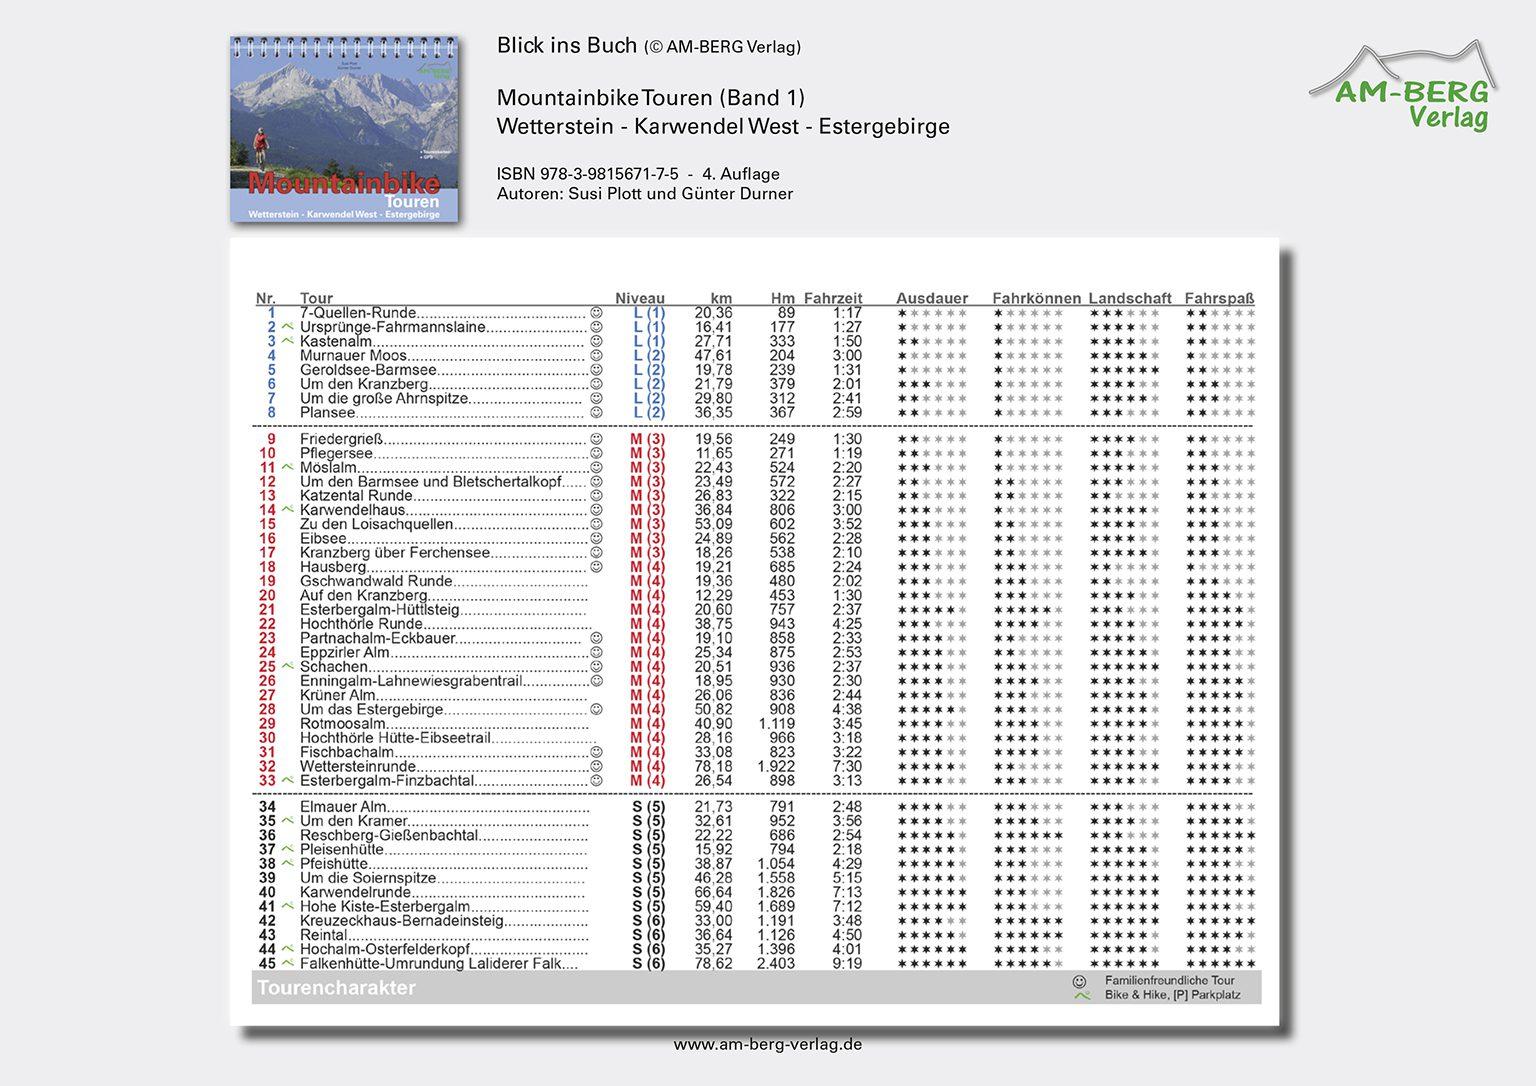 Mountainbike Touren Wetterstein-Karwendel-West-Estergebirge_band1_BlickinsBuch05